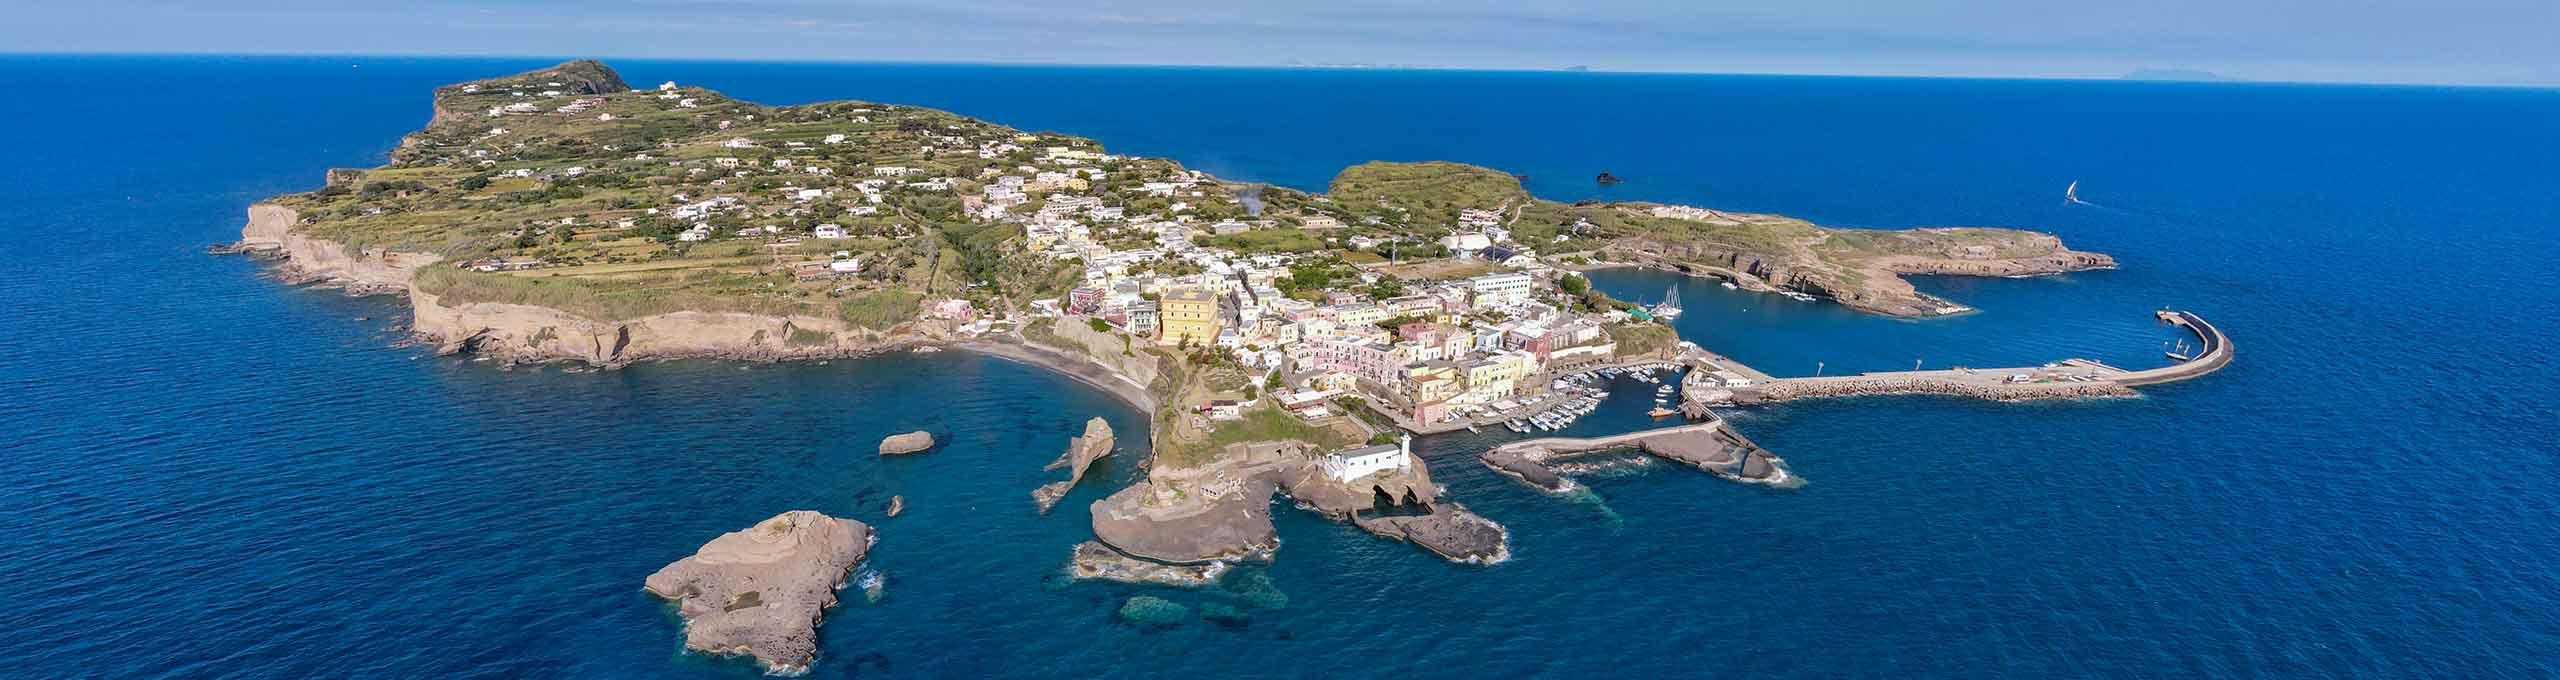 Isola di Ventotene, Latina